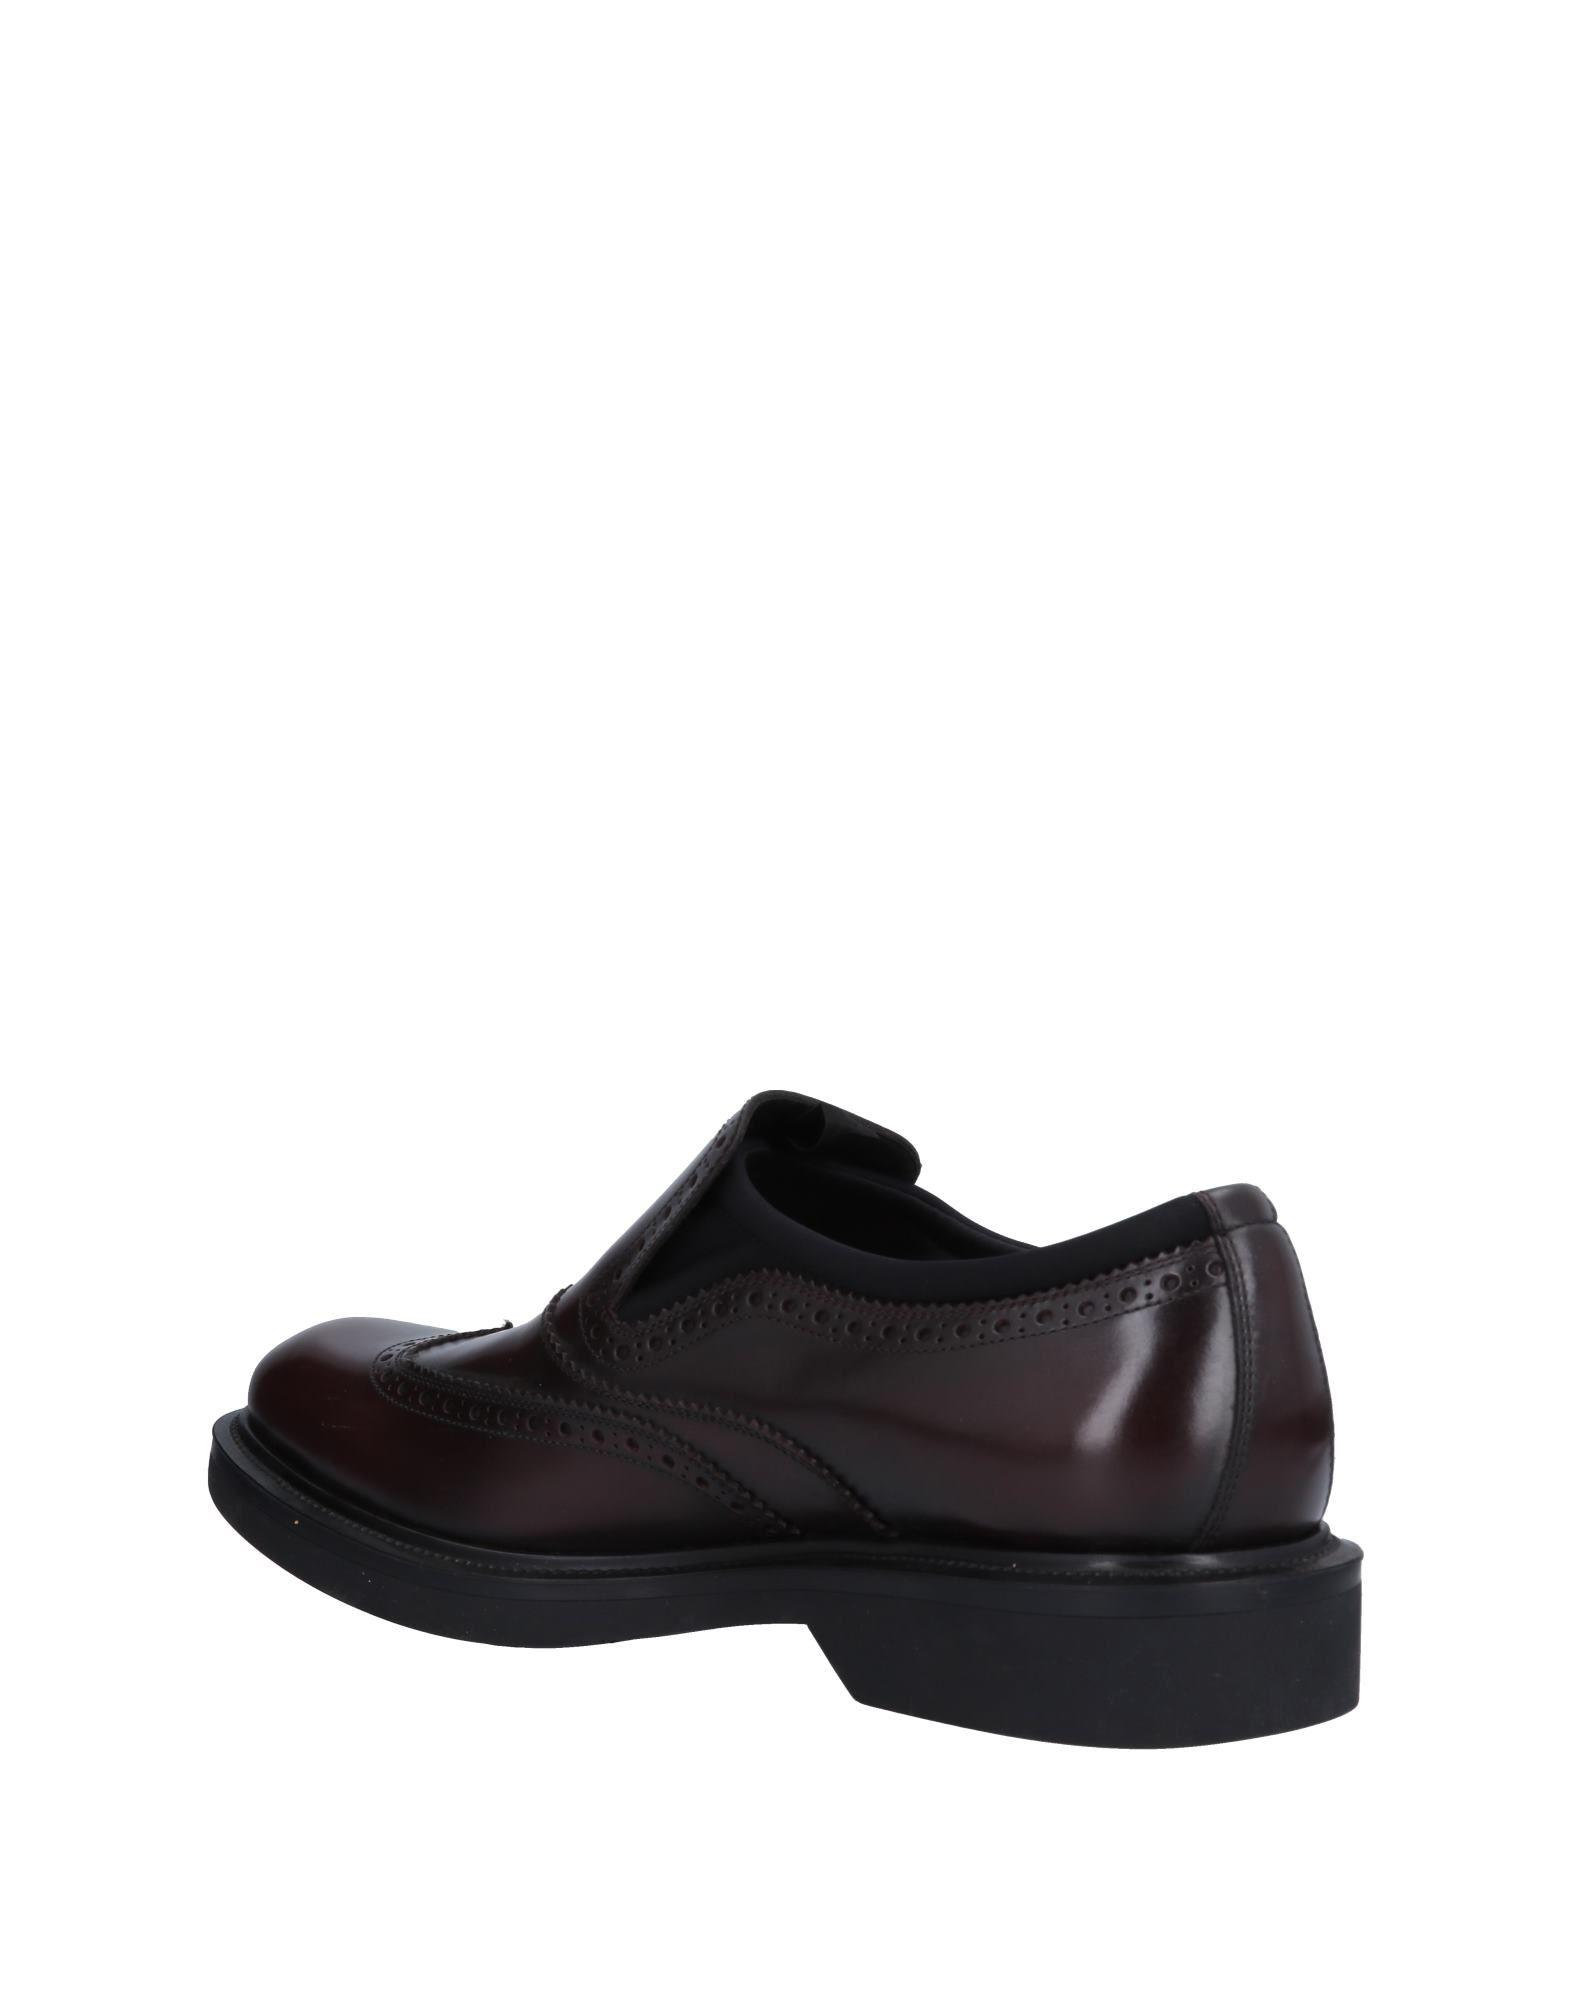 Salvatore Ferragamo Mokassins Herren  11497727QR Gute Qualität beliebte Schuhe